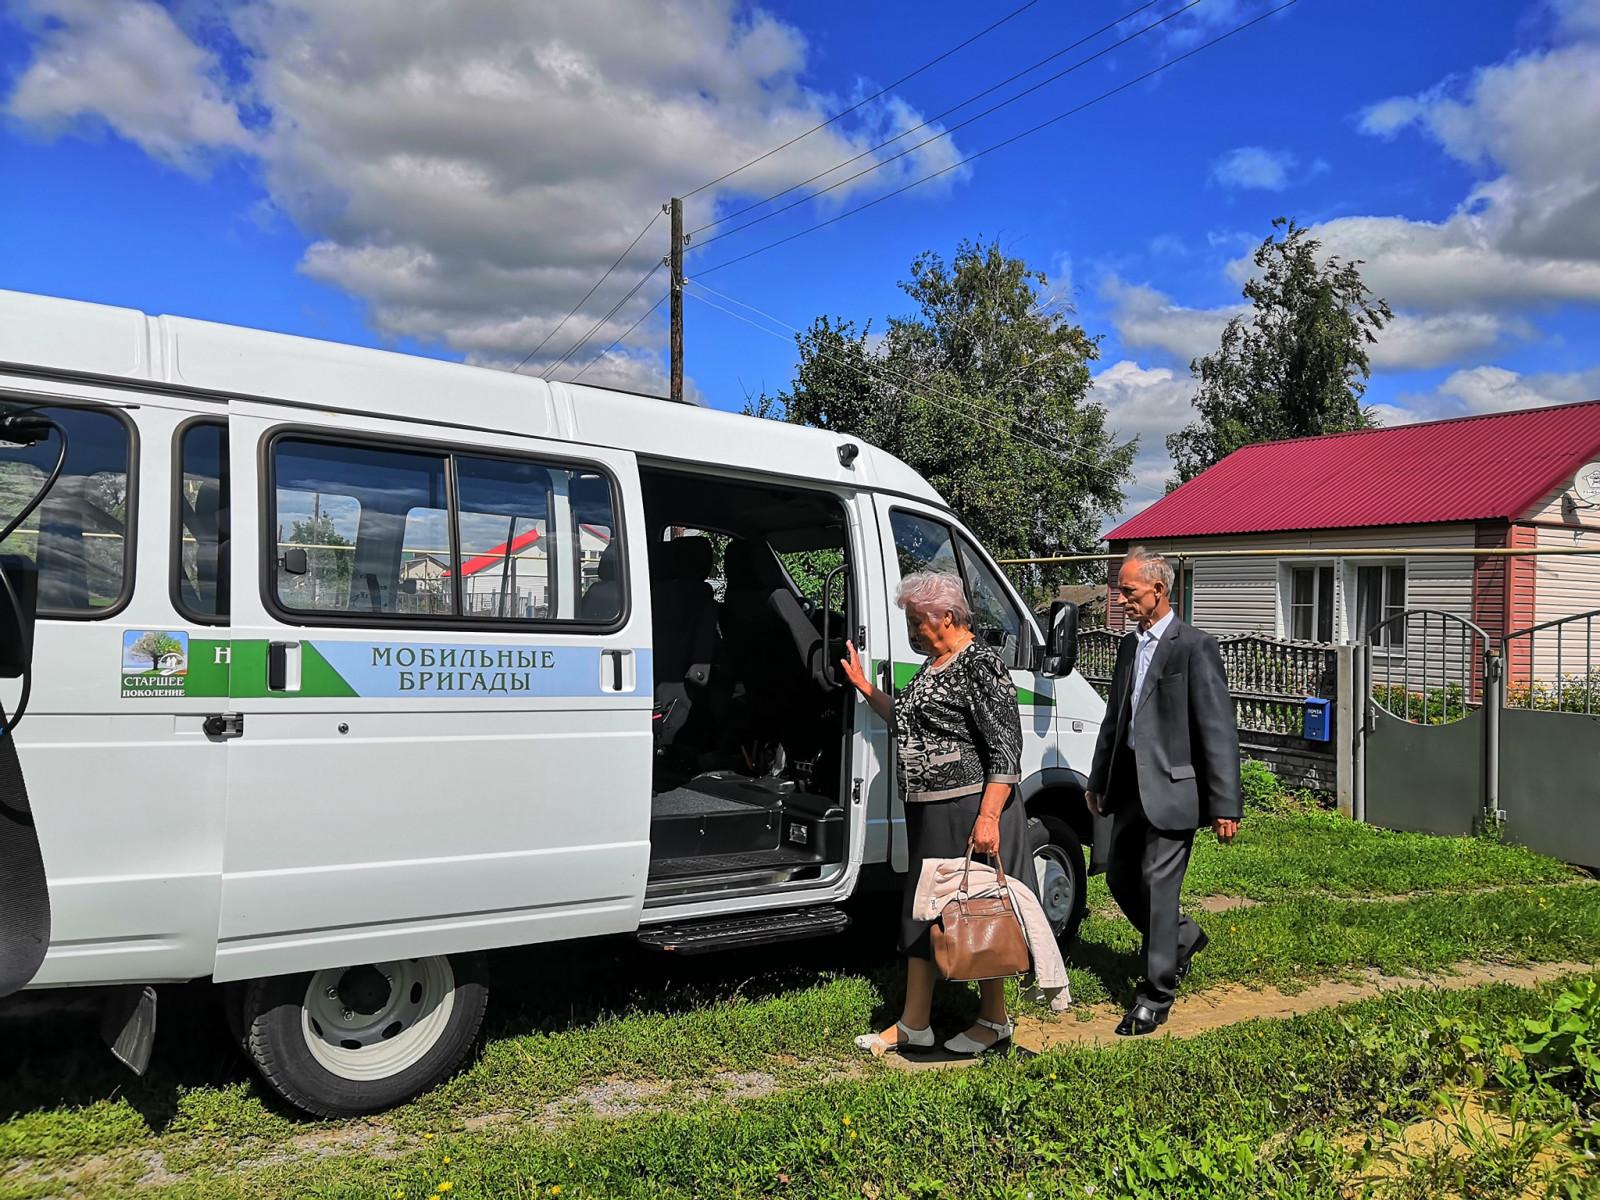 В Марий Эл с начала года доставкой до больниц воспользовались 917 граждан